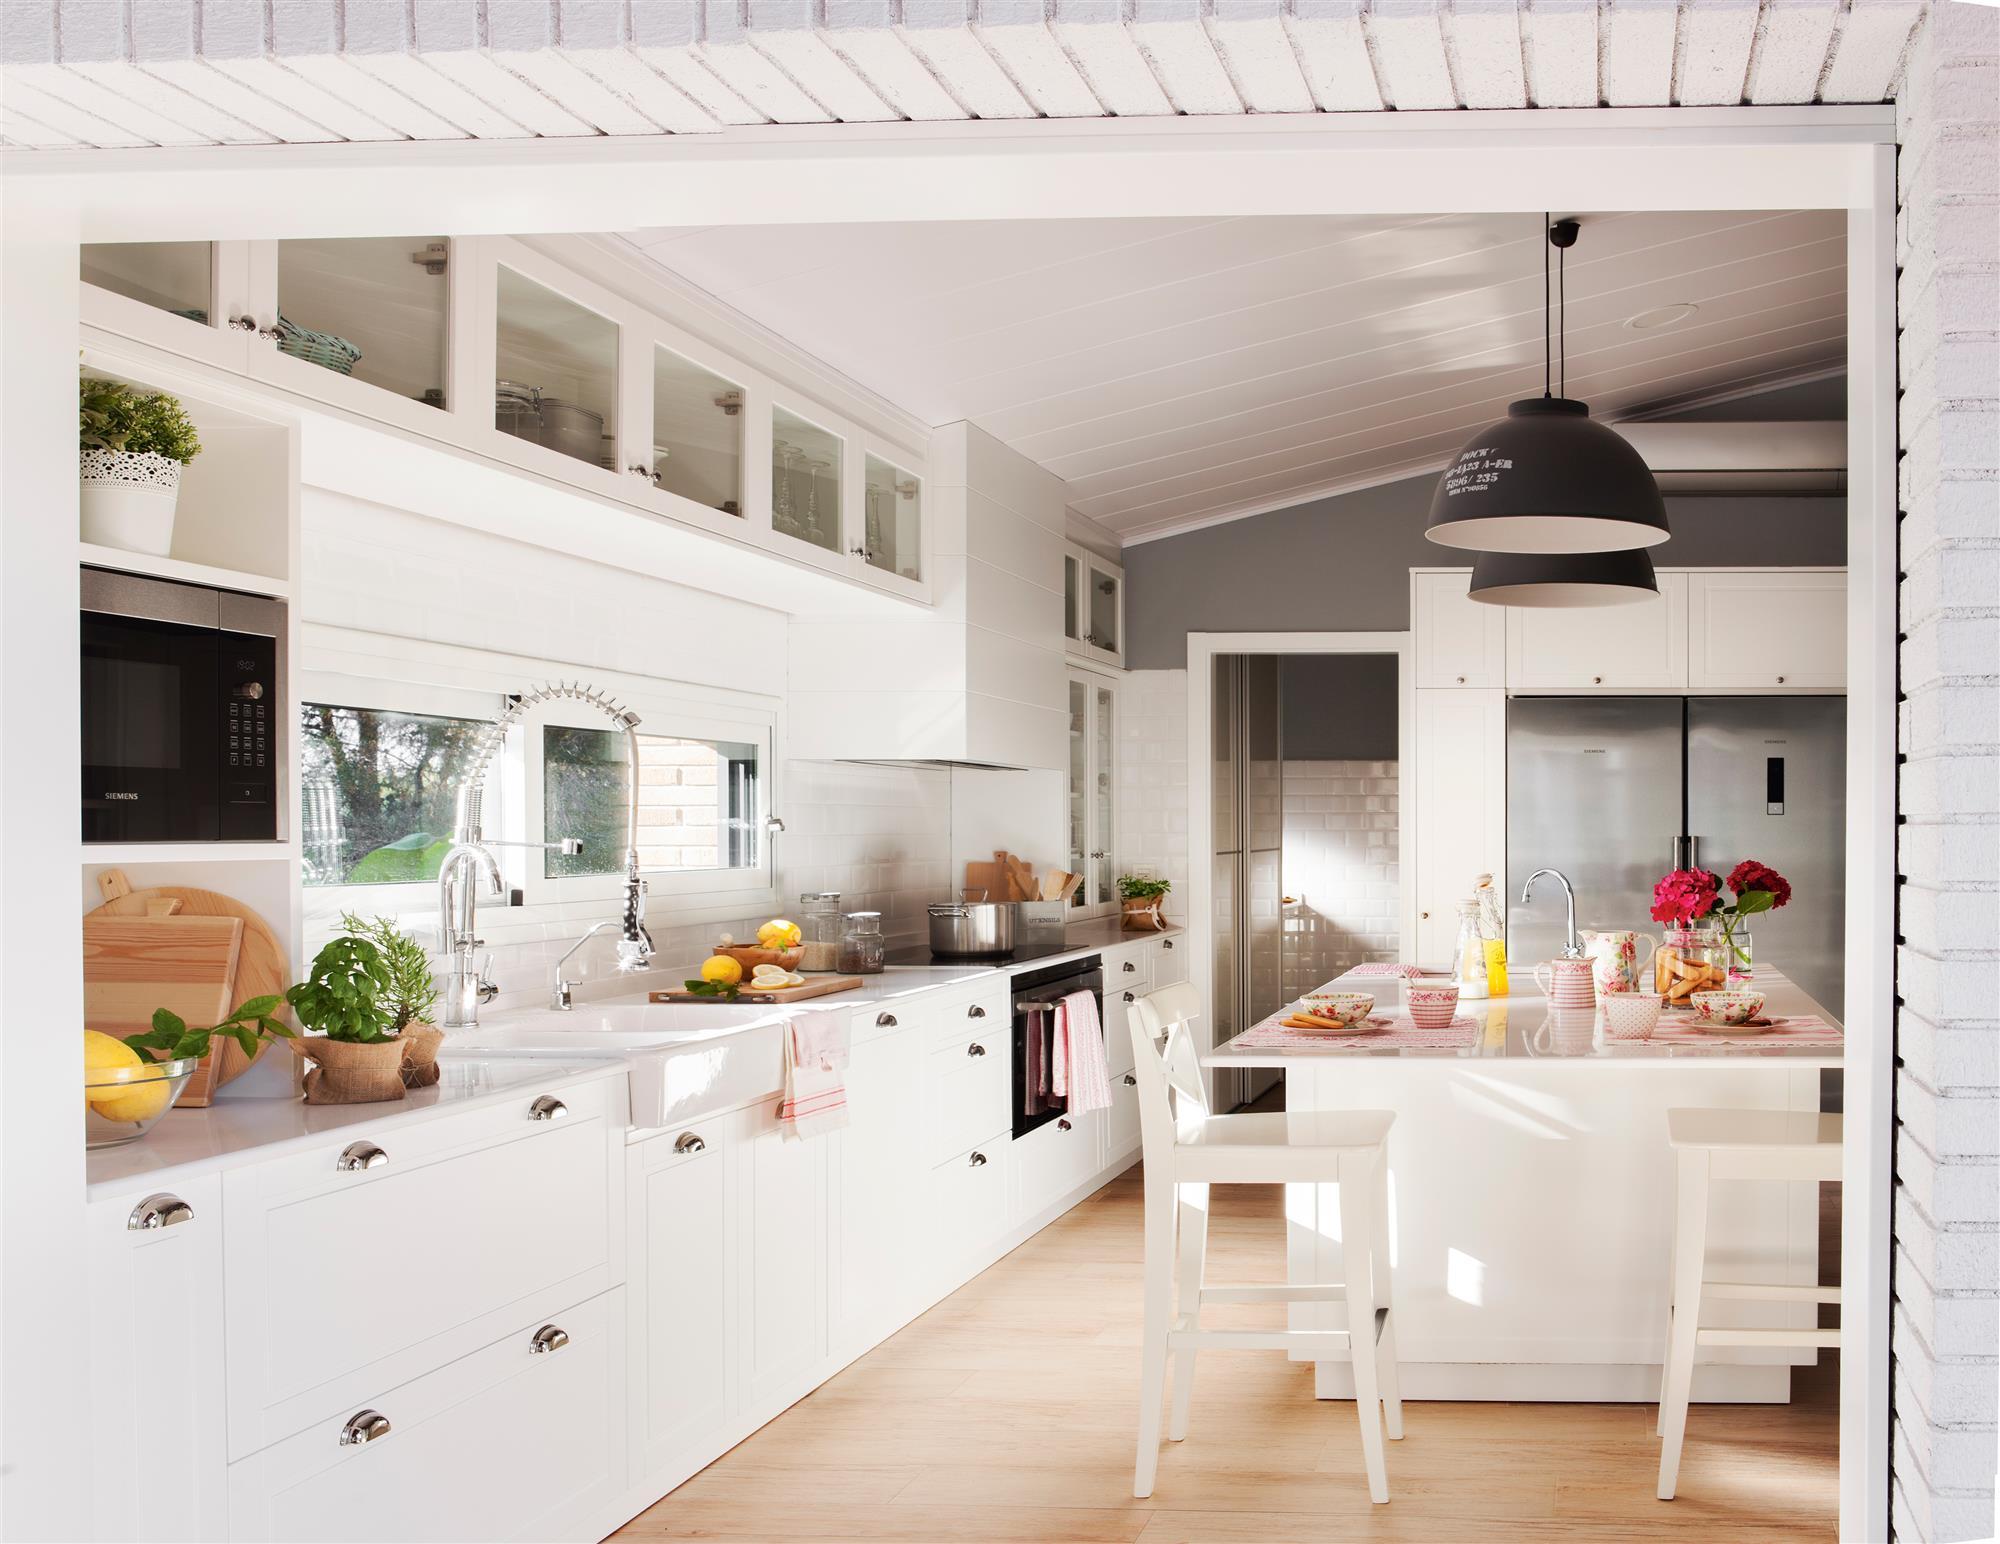 Cocinas las 50 mejores de el mueble - Fotos de cocinas con isla ...